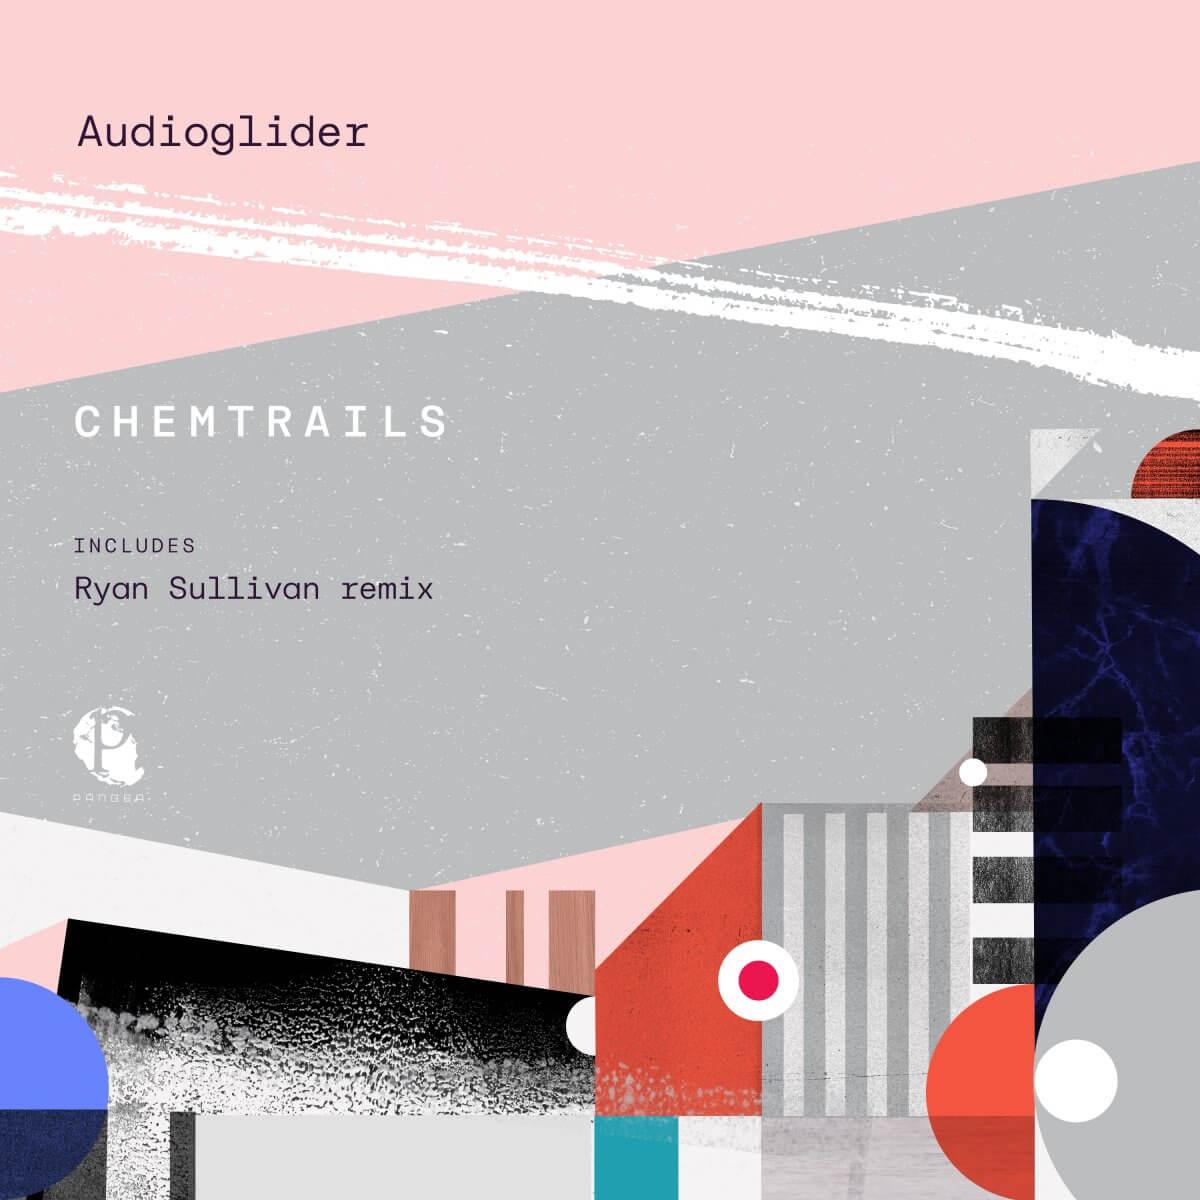 Audioglider - Chemtrails